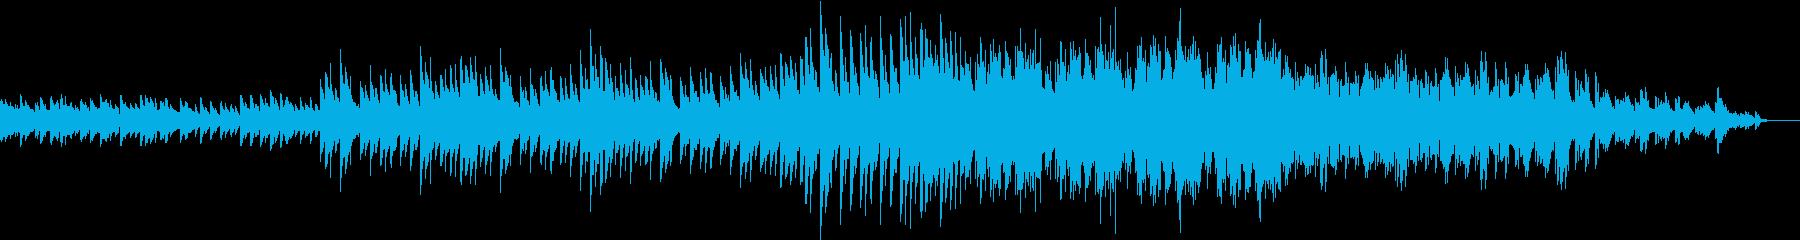 優しいクリスマスソングの再生済みの波形